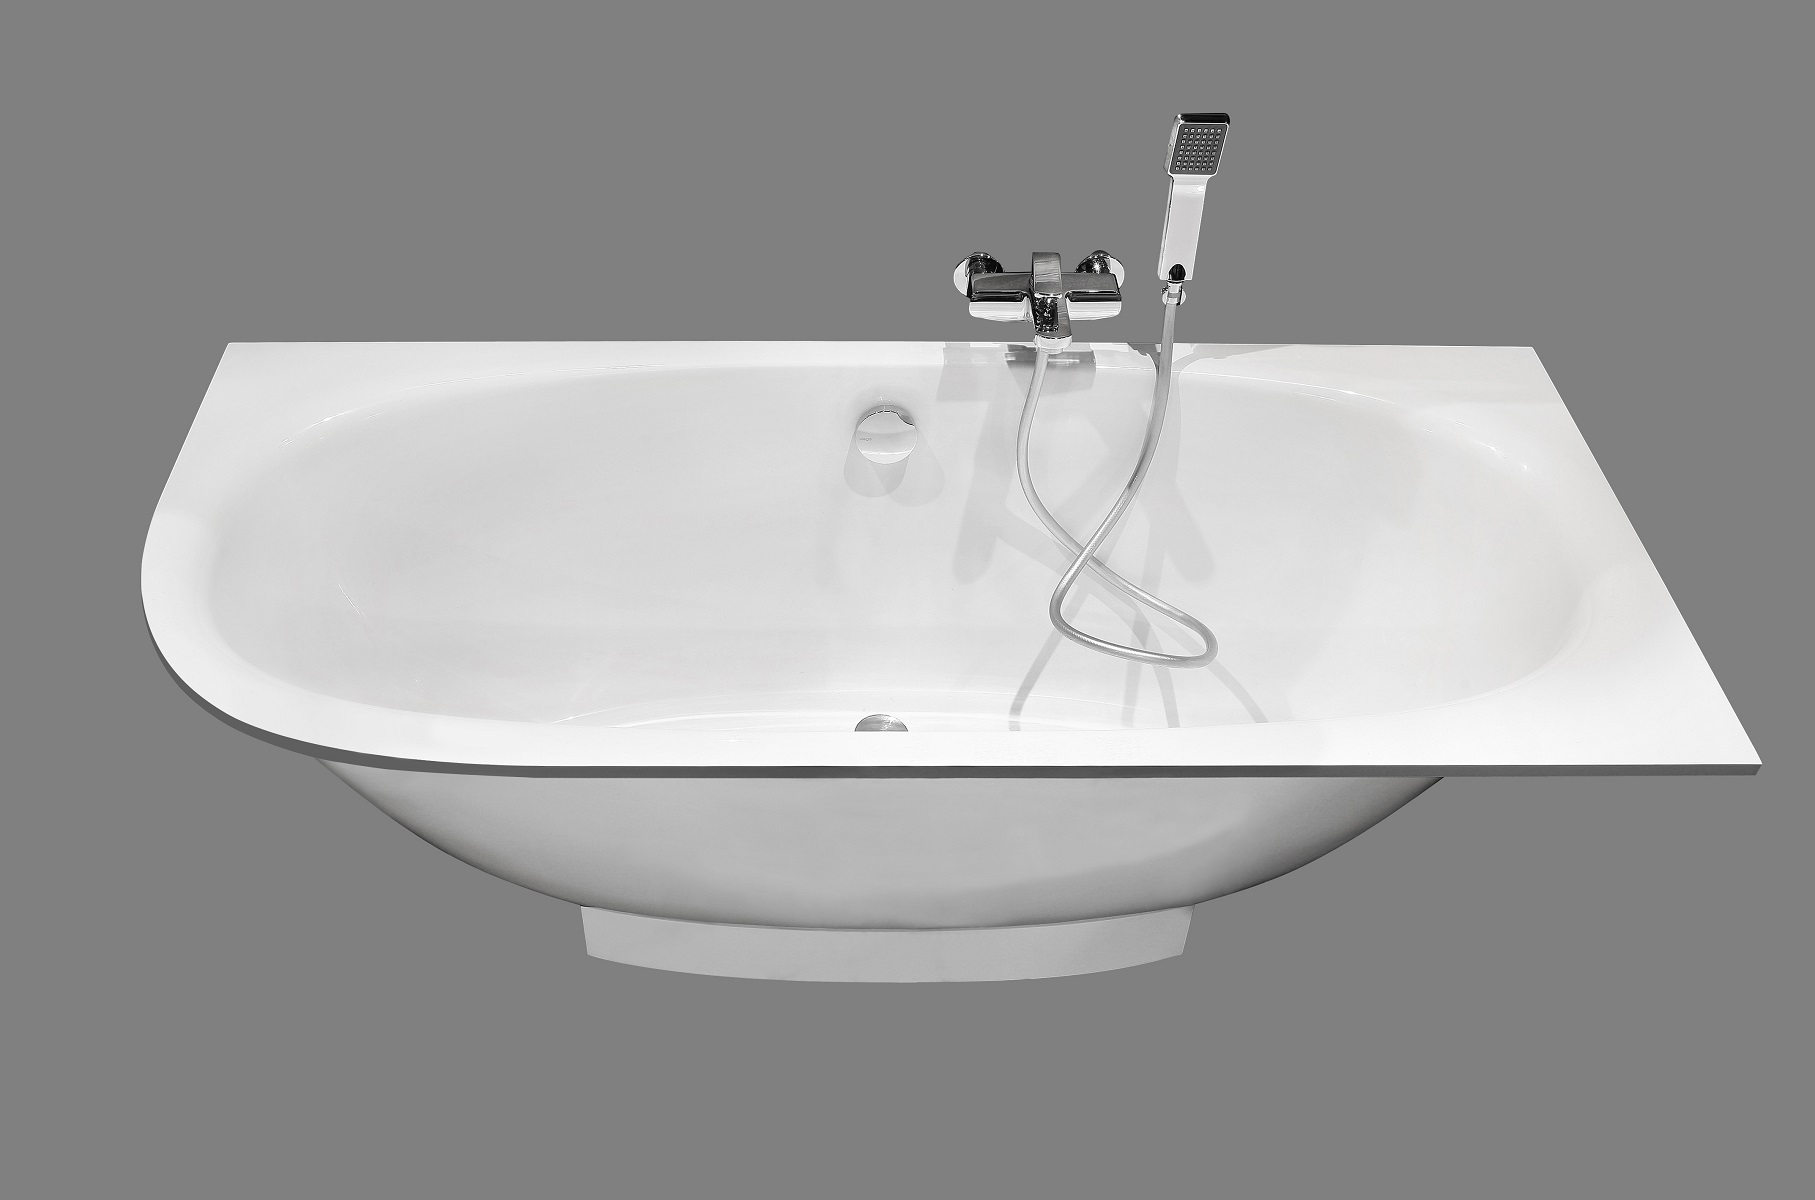 Scarico Della Vasca Da Bagno In Inglese : Gemina l wht™ la vasca da bagno ad angolo aquatica in pietra